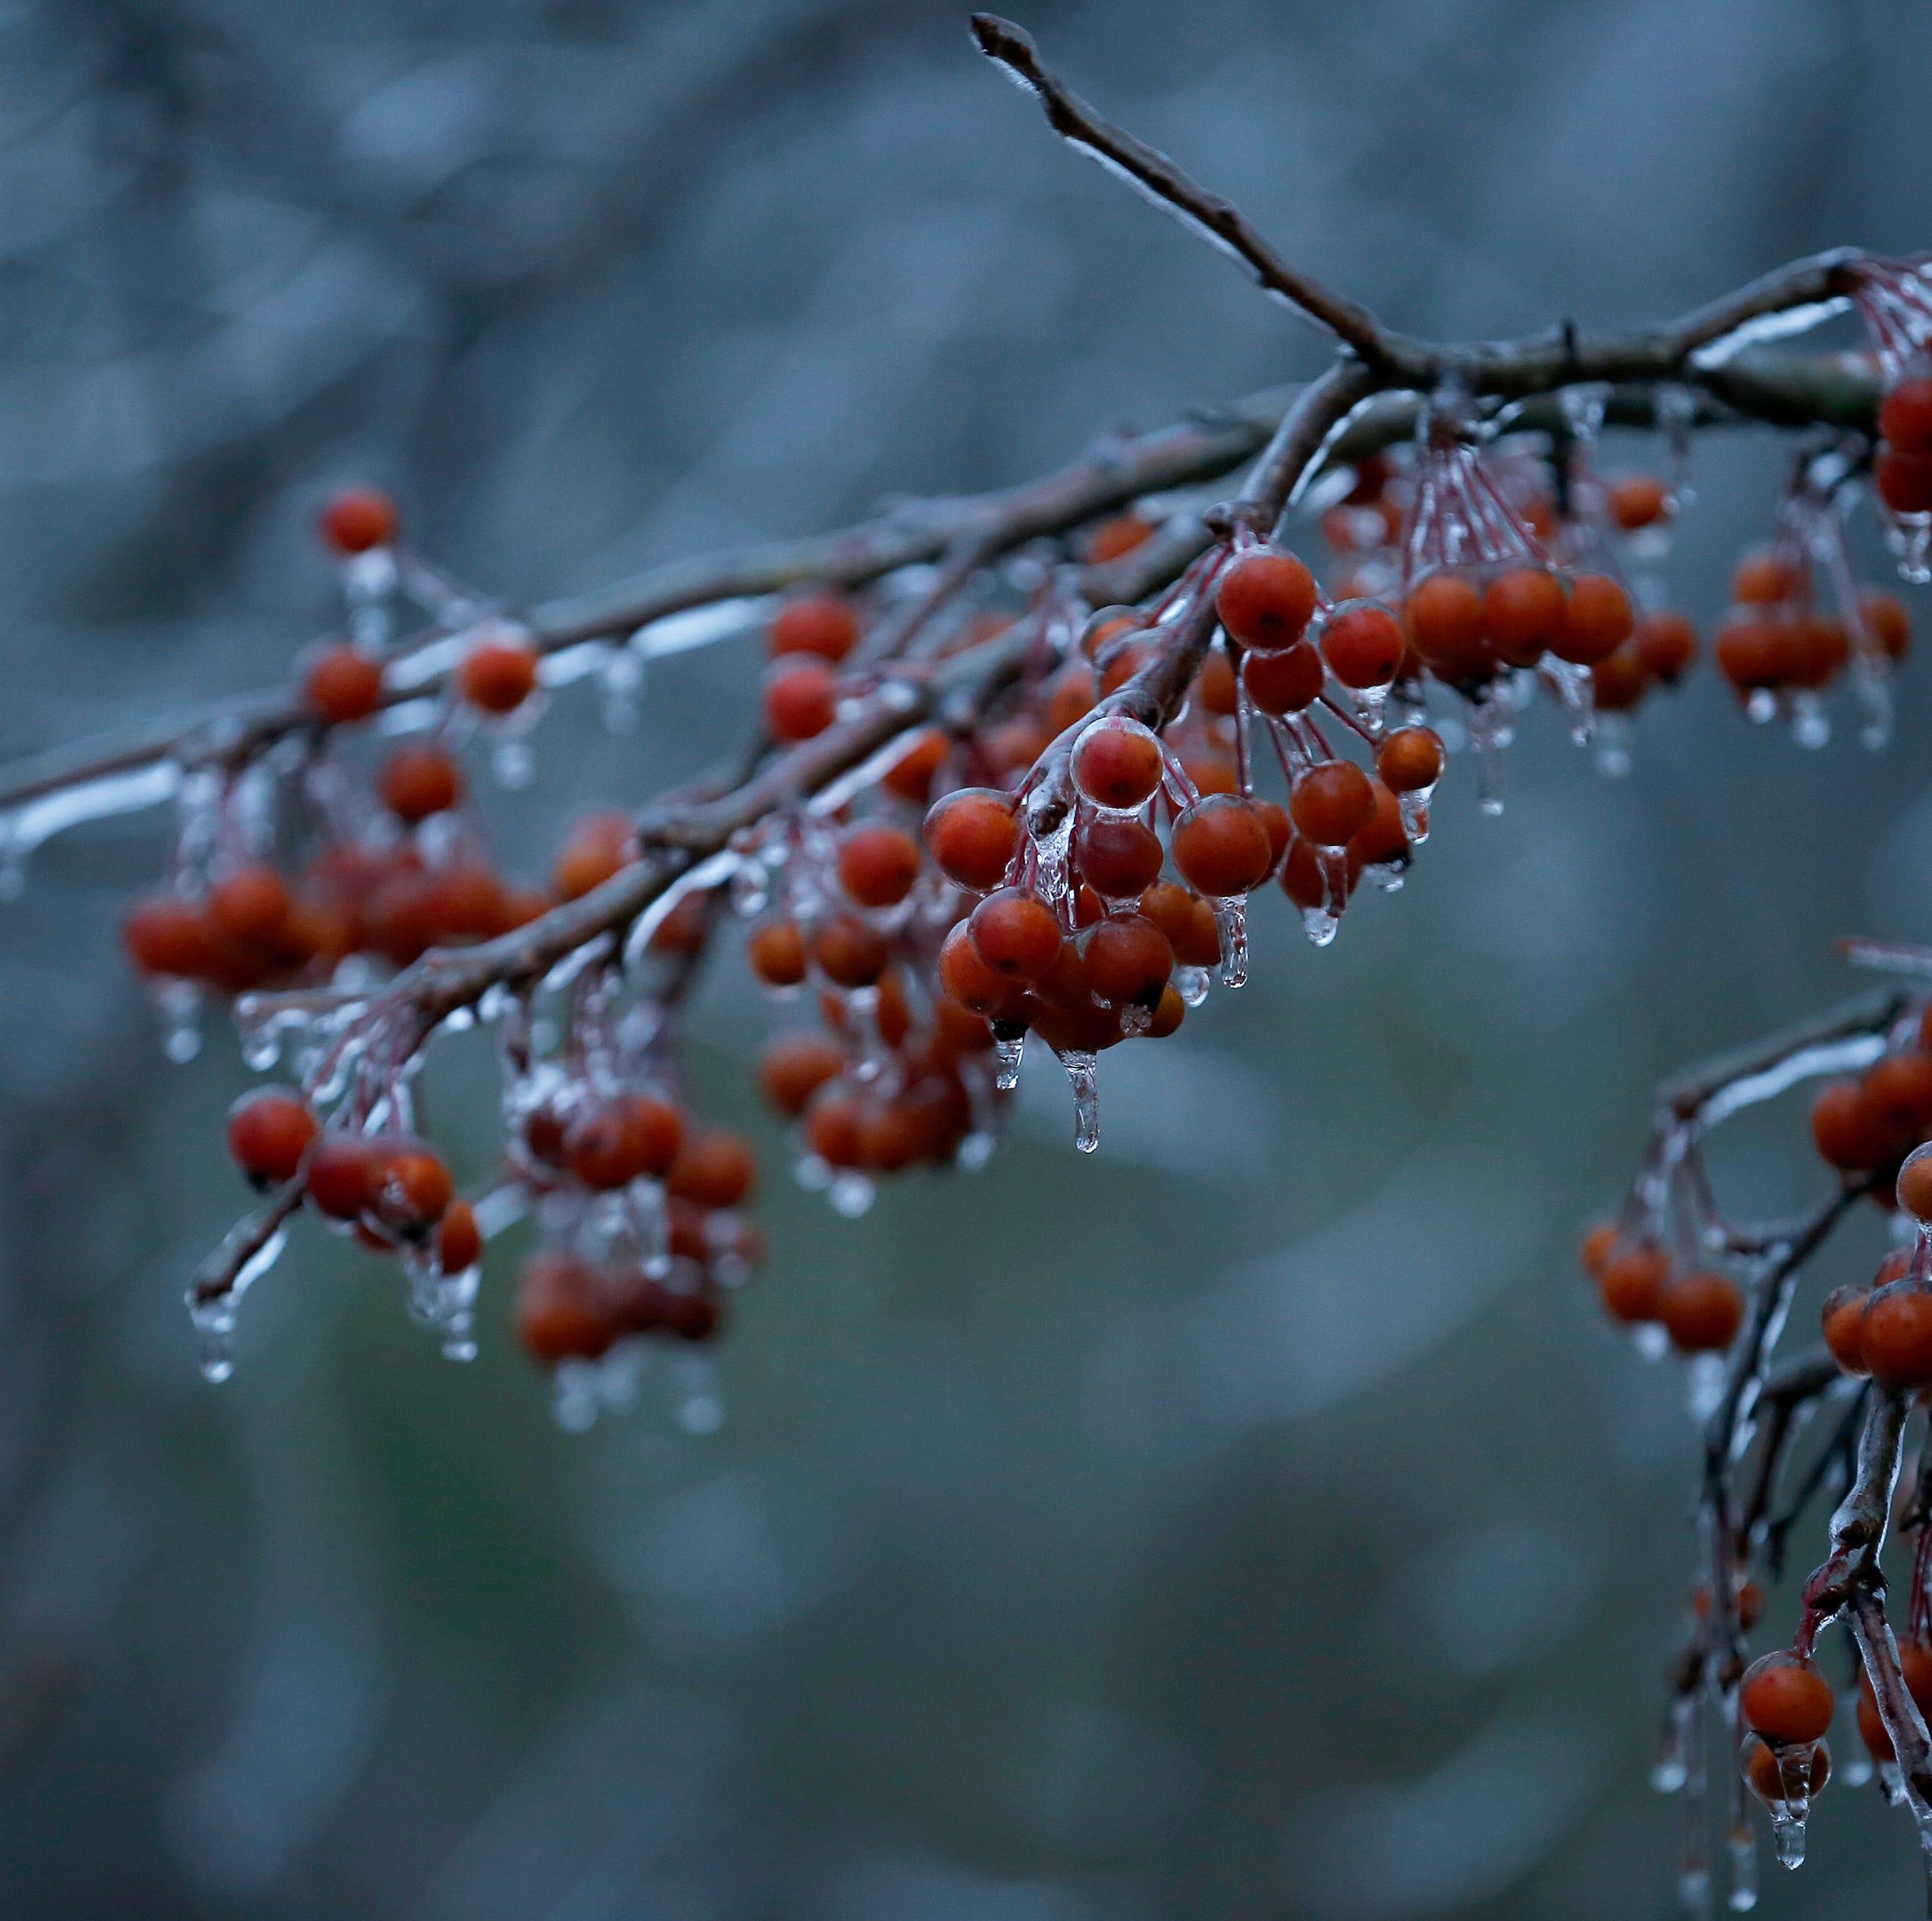 Freezing rain today. Then, snow/sleet, near-zero temps ... wait, there's more